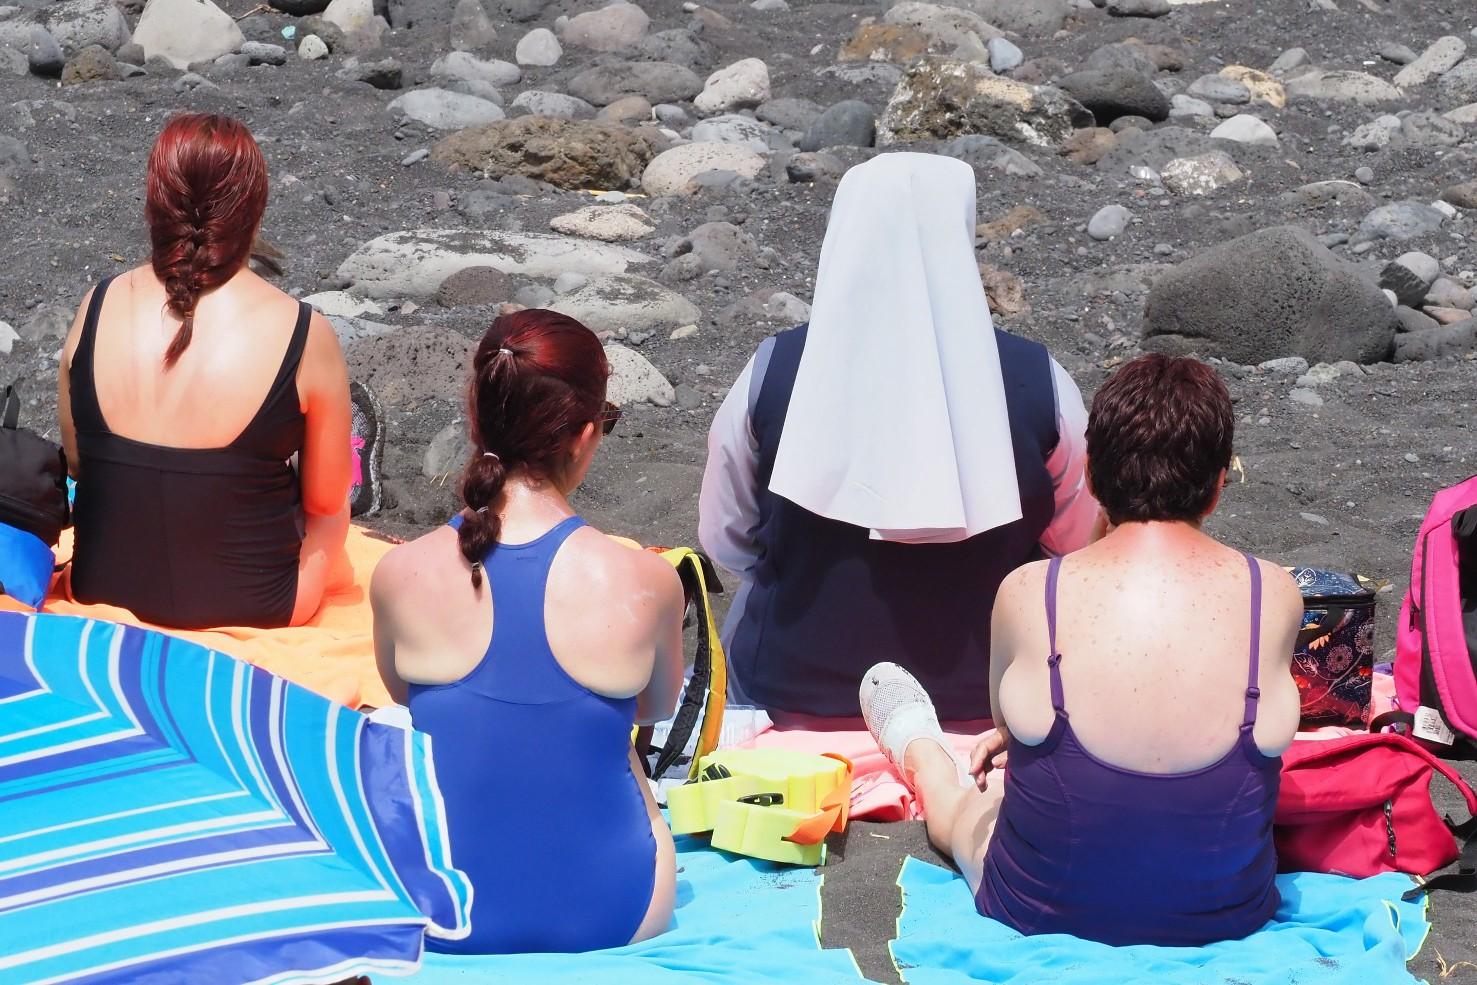 Una monja tomando el sol